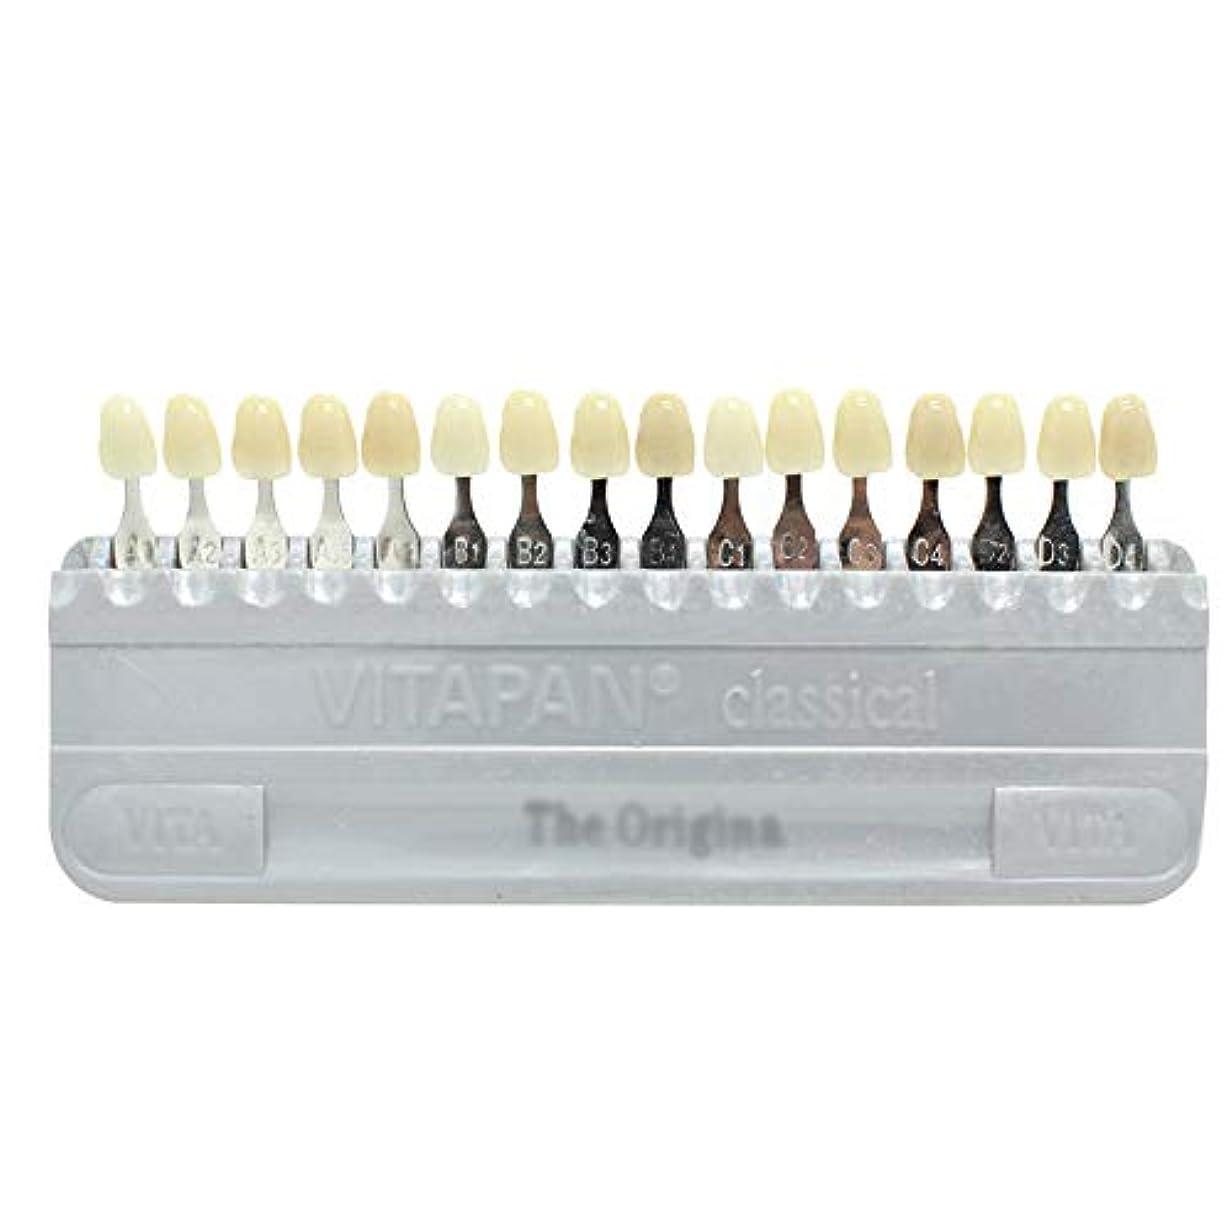 思い出シンプトンあなたのものPochiDen 歯科ホワイトニング用シェードガイド 16色 3D 歯列模型ボード